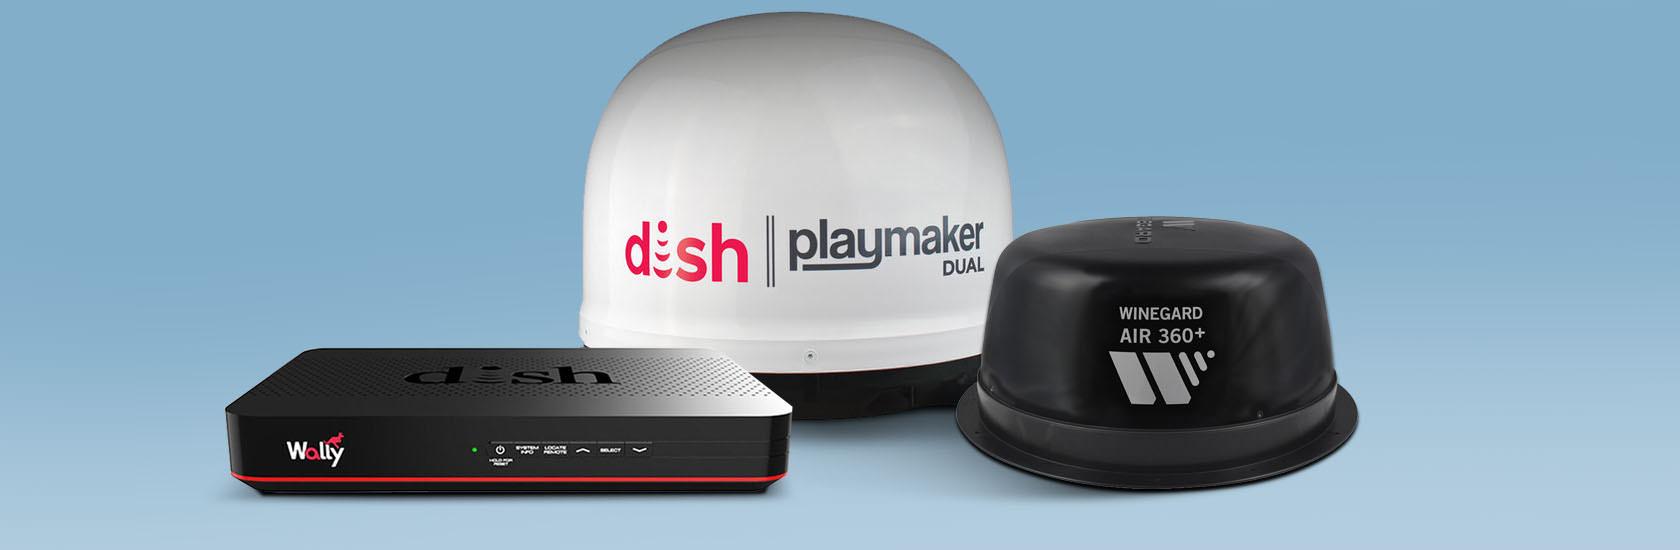 Shop the Best in Satellite Antennas & Receivers